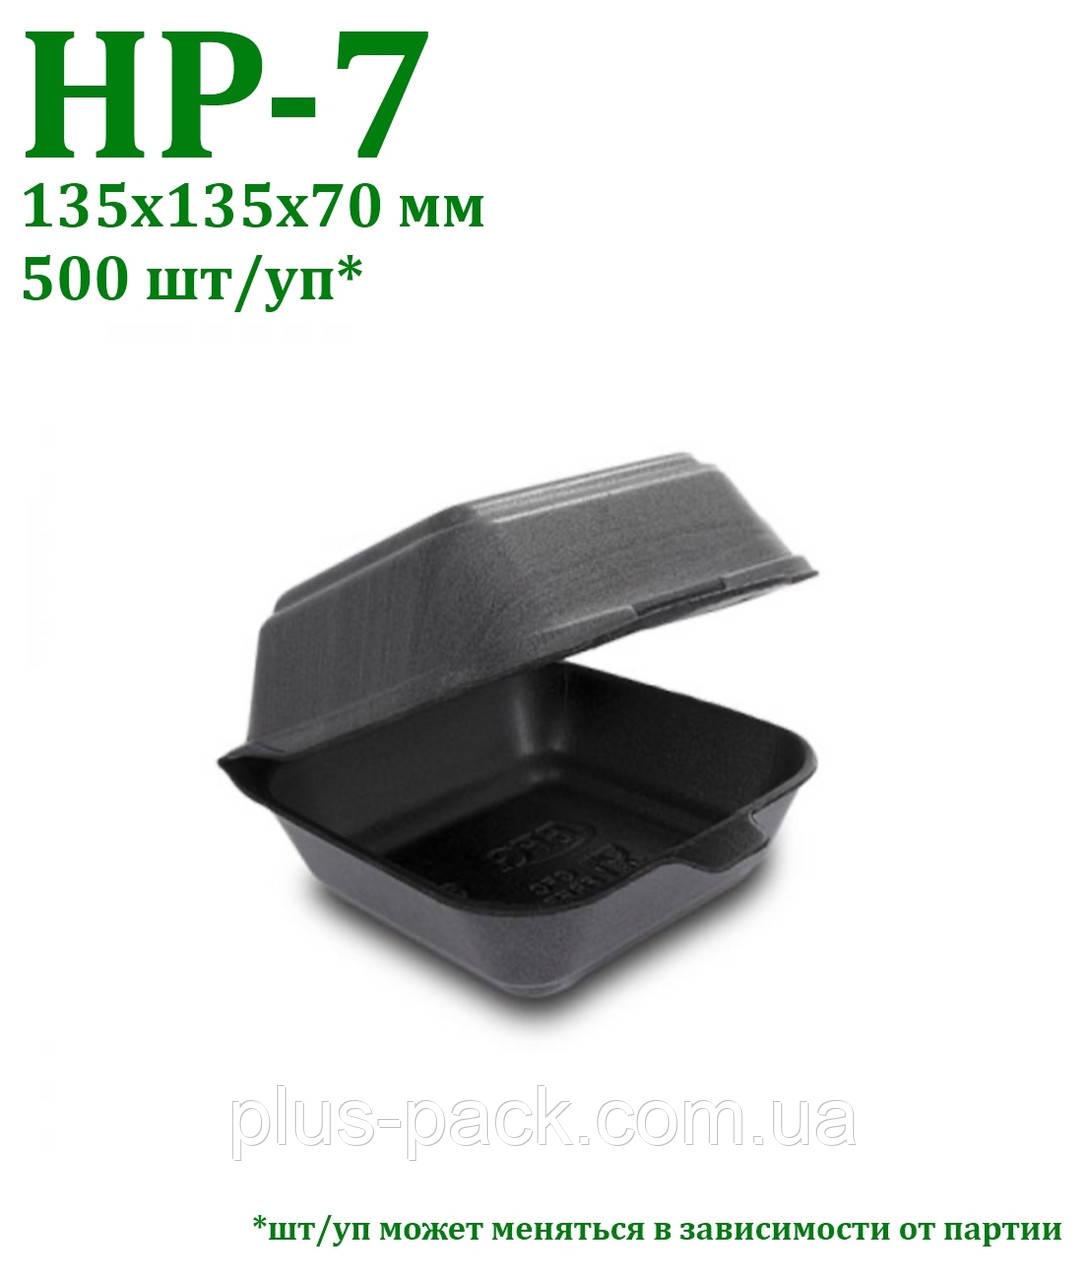 Одноразовая упаковка ланч-бокс НВ-7 черный